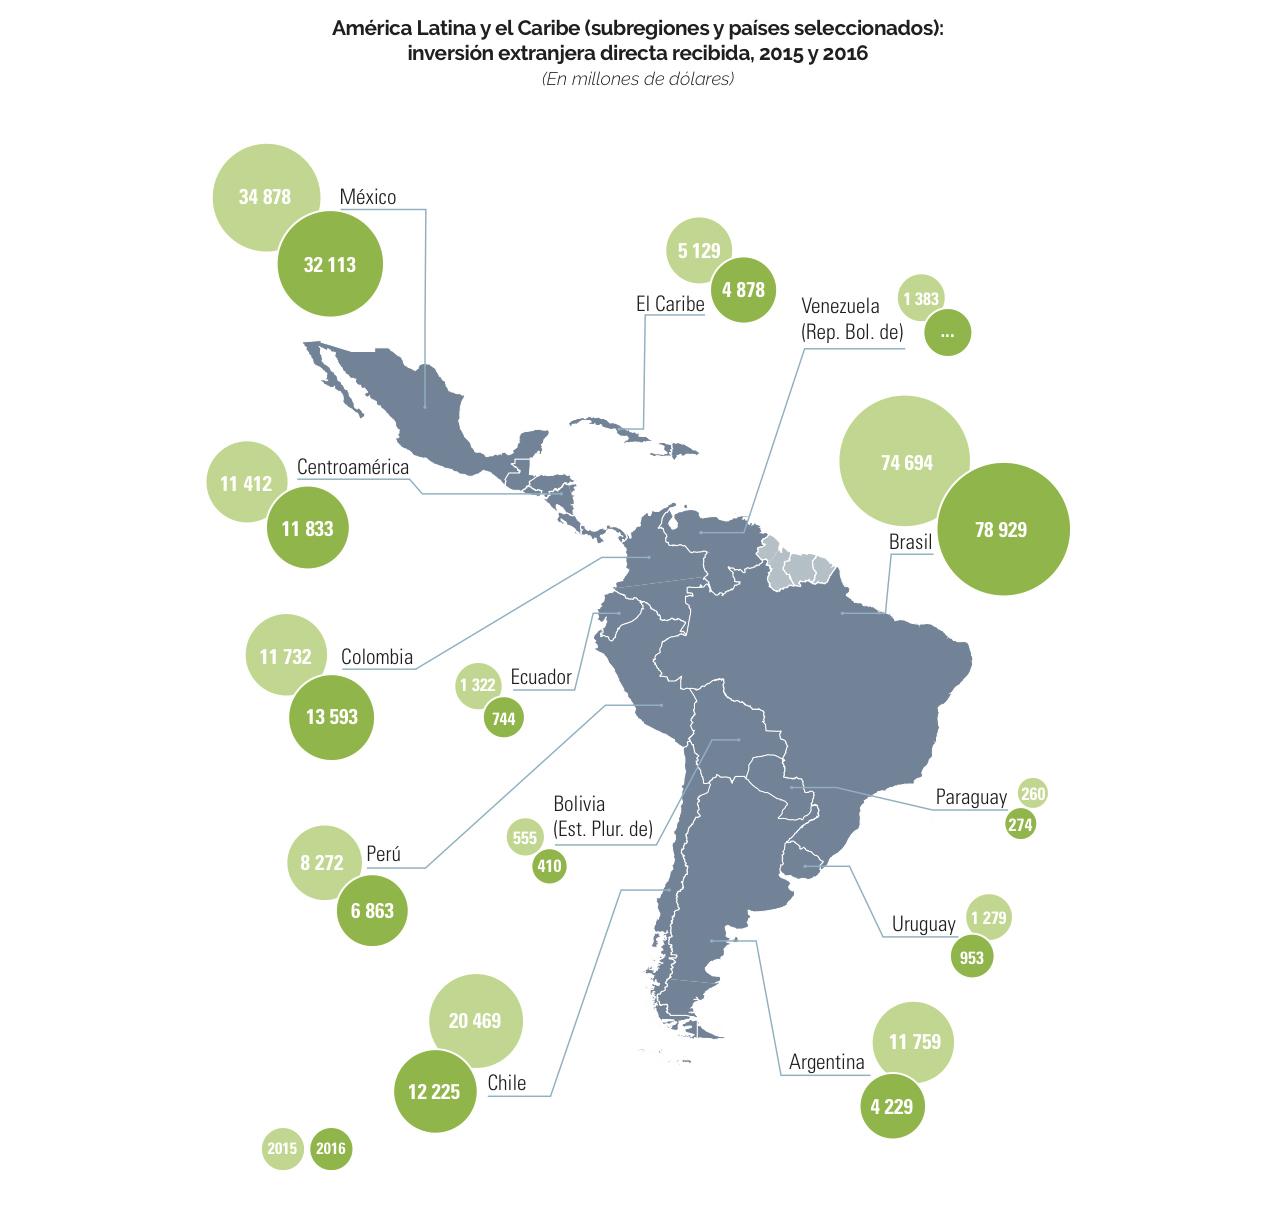 Cae la inversión extranjera directa en América latina un 5% — CEPAL